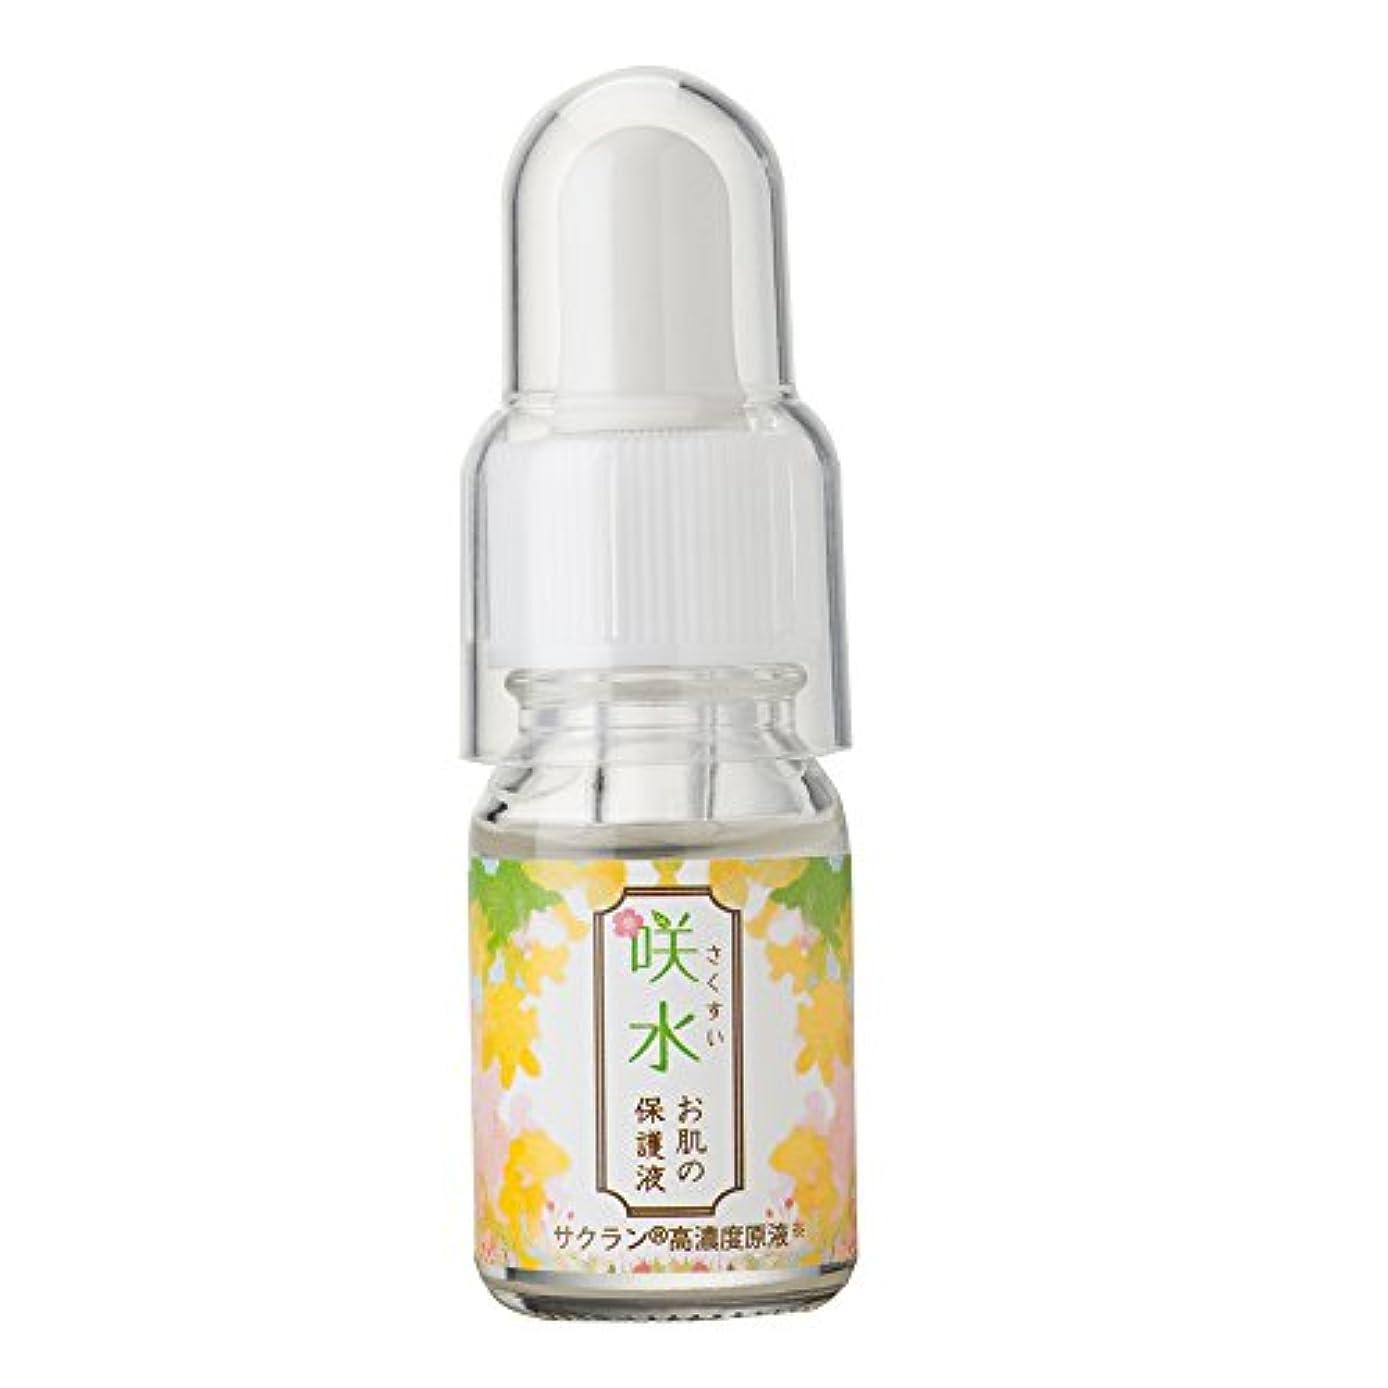 近似オフセットりんご咲水お肌の保護液 10ml  保湿 美容液 顔 スイセンジノリ サクラン リバテープ製薬公式